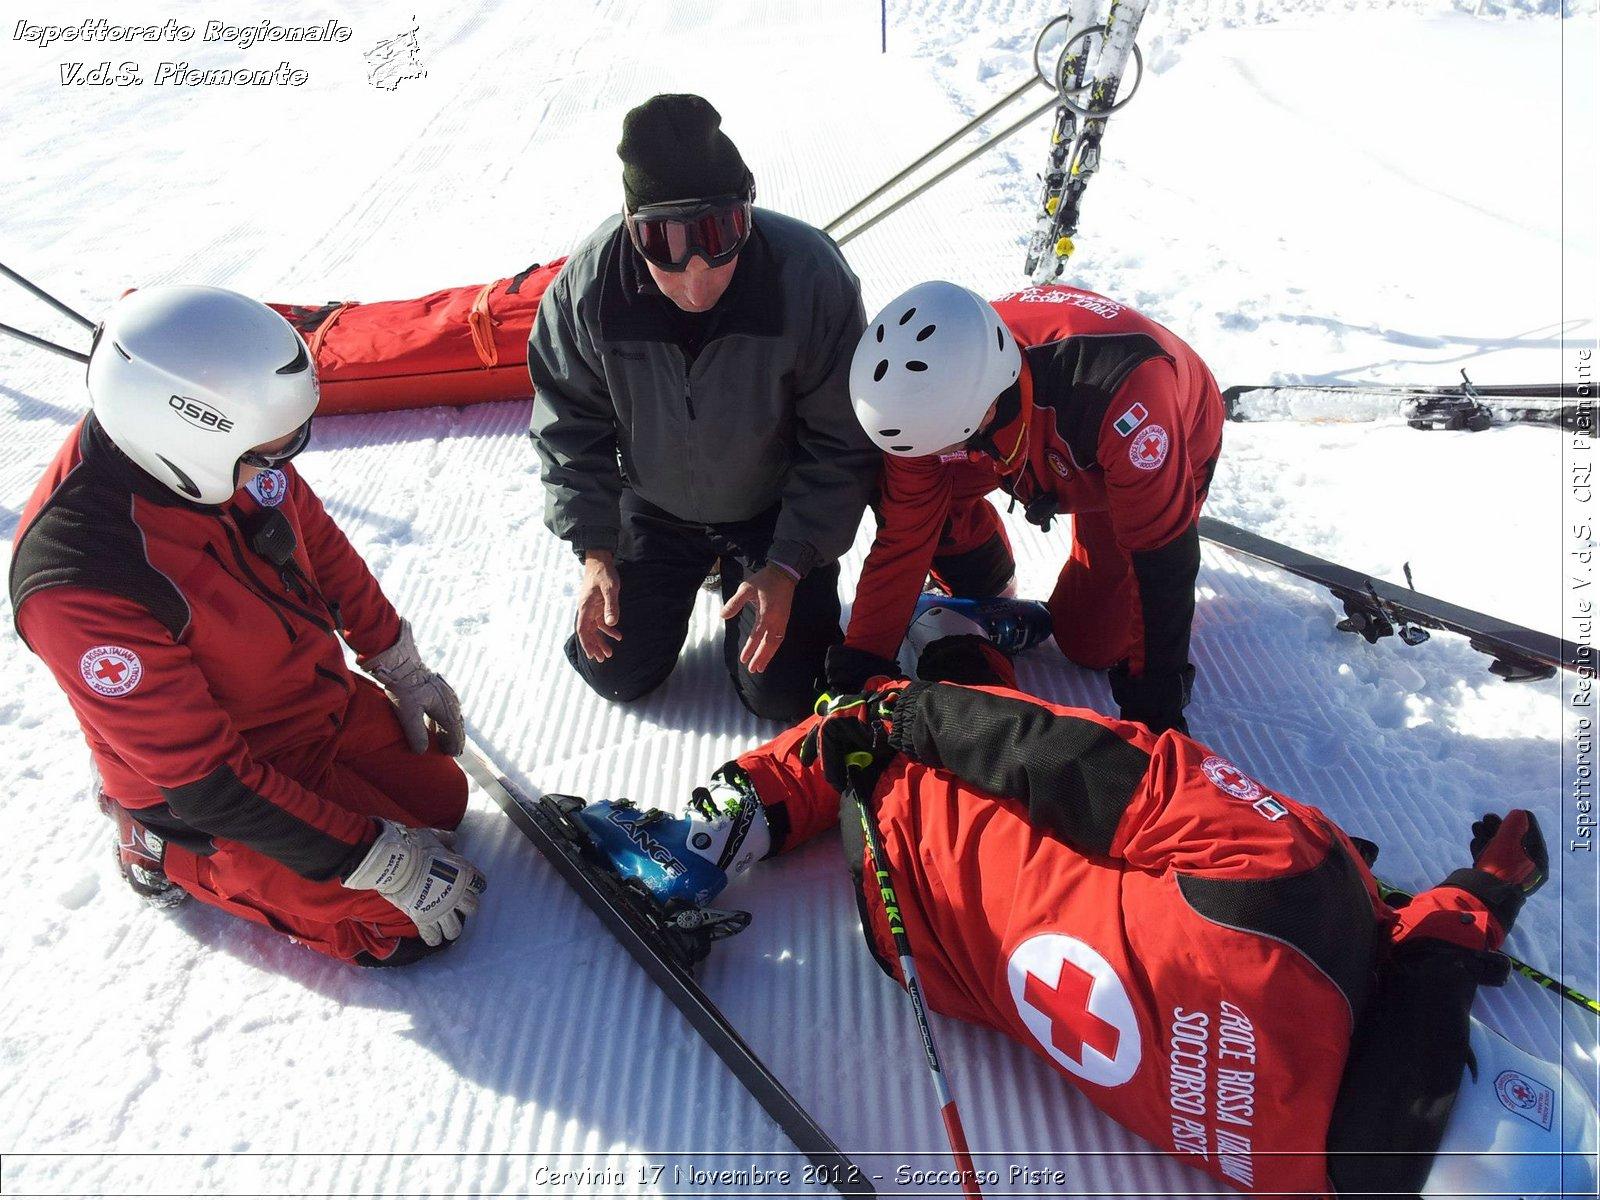 Elicottero Croce Rossa Italiana : Cervinia novembre soccorso piste croce rossa